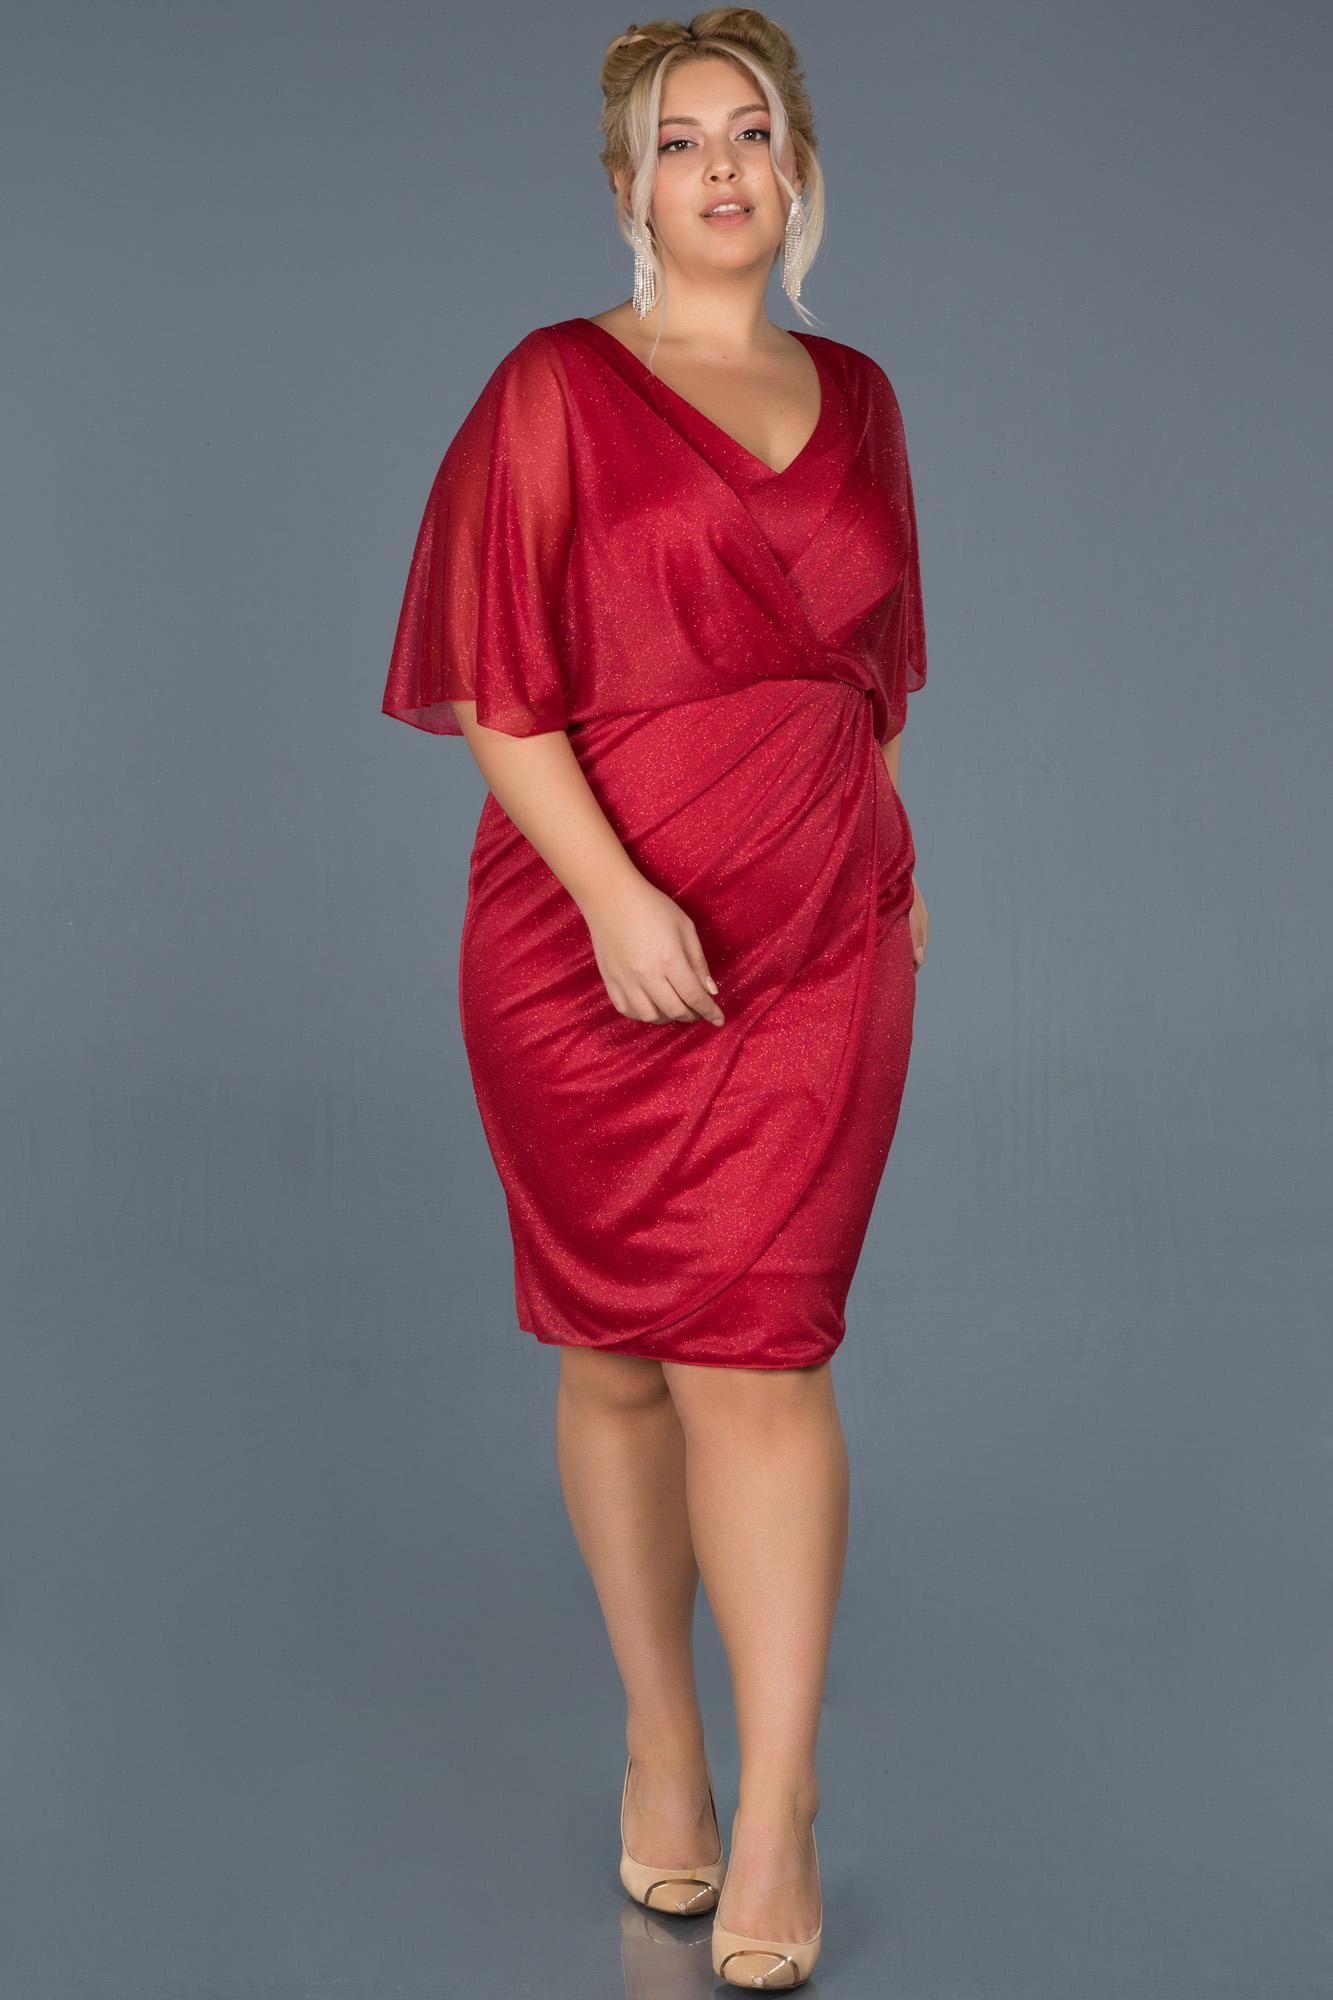 Kırmızı Kısa Simli Yarım Kol Davet Elbisesi